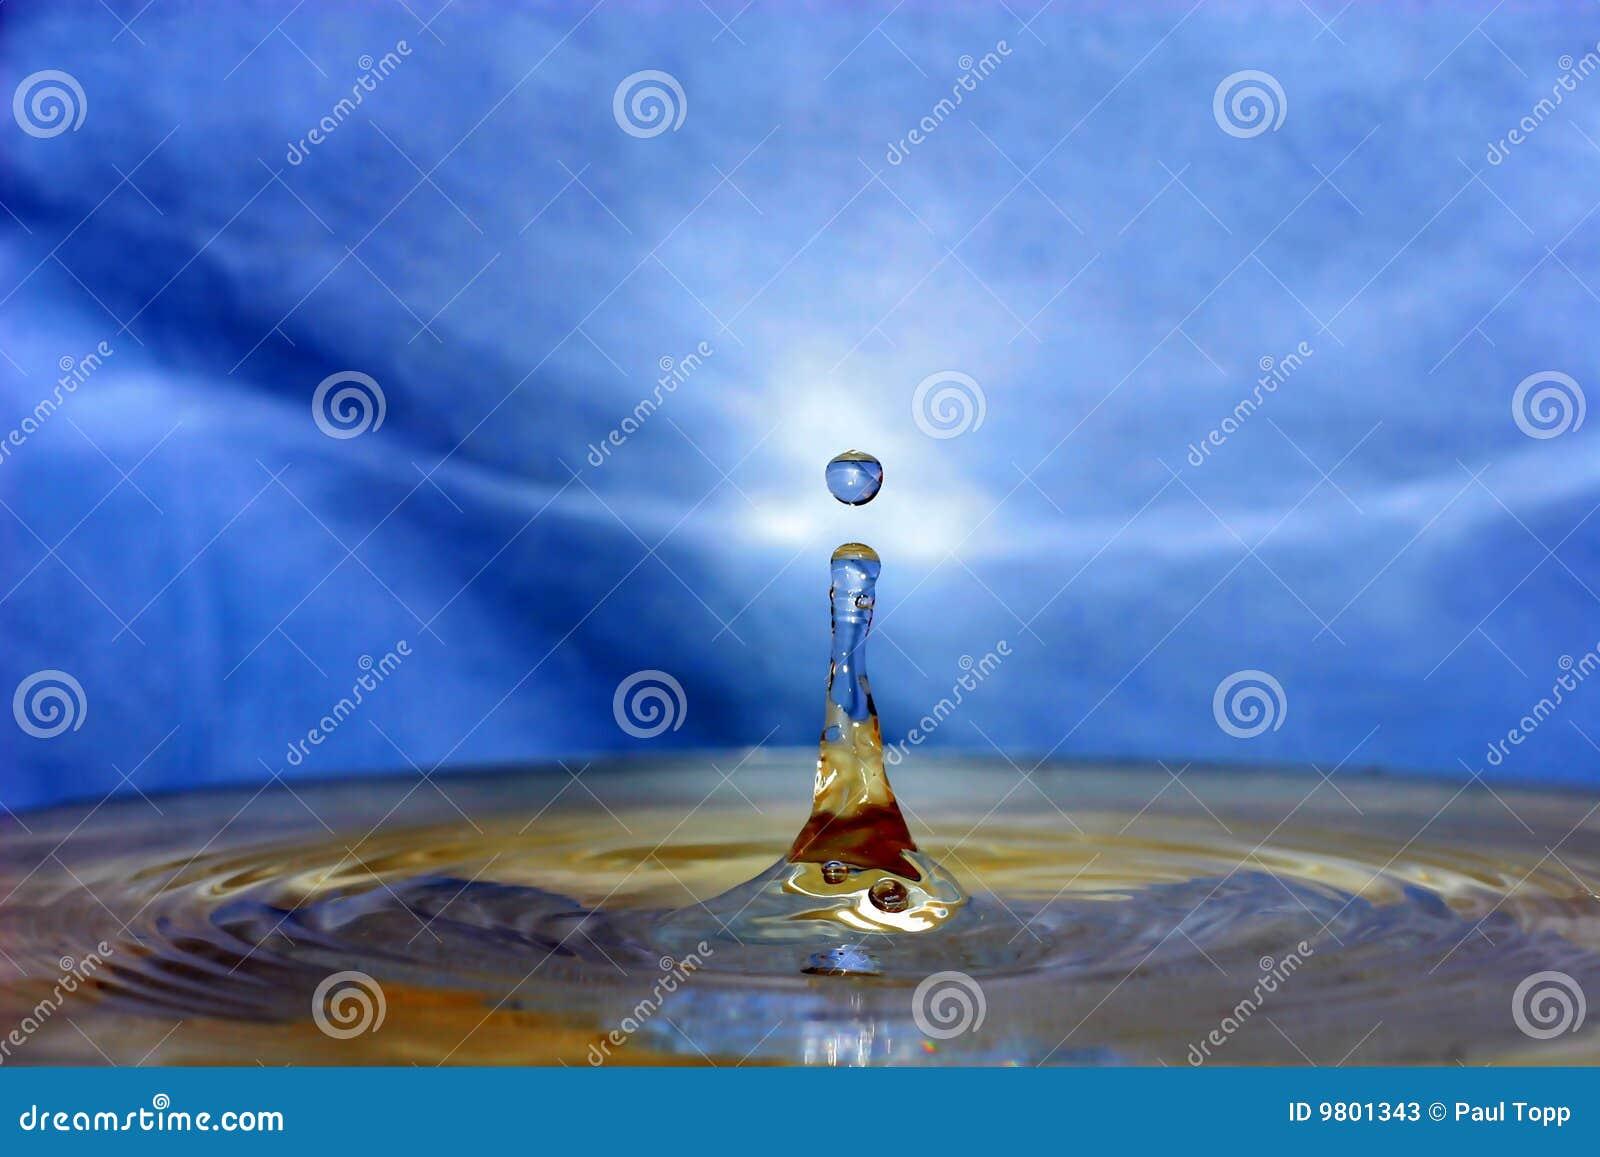 Espirrando gotas da água